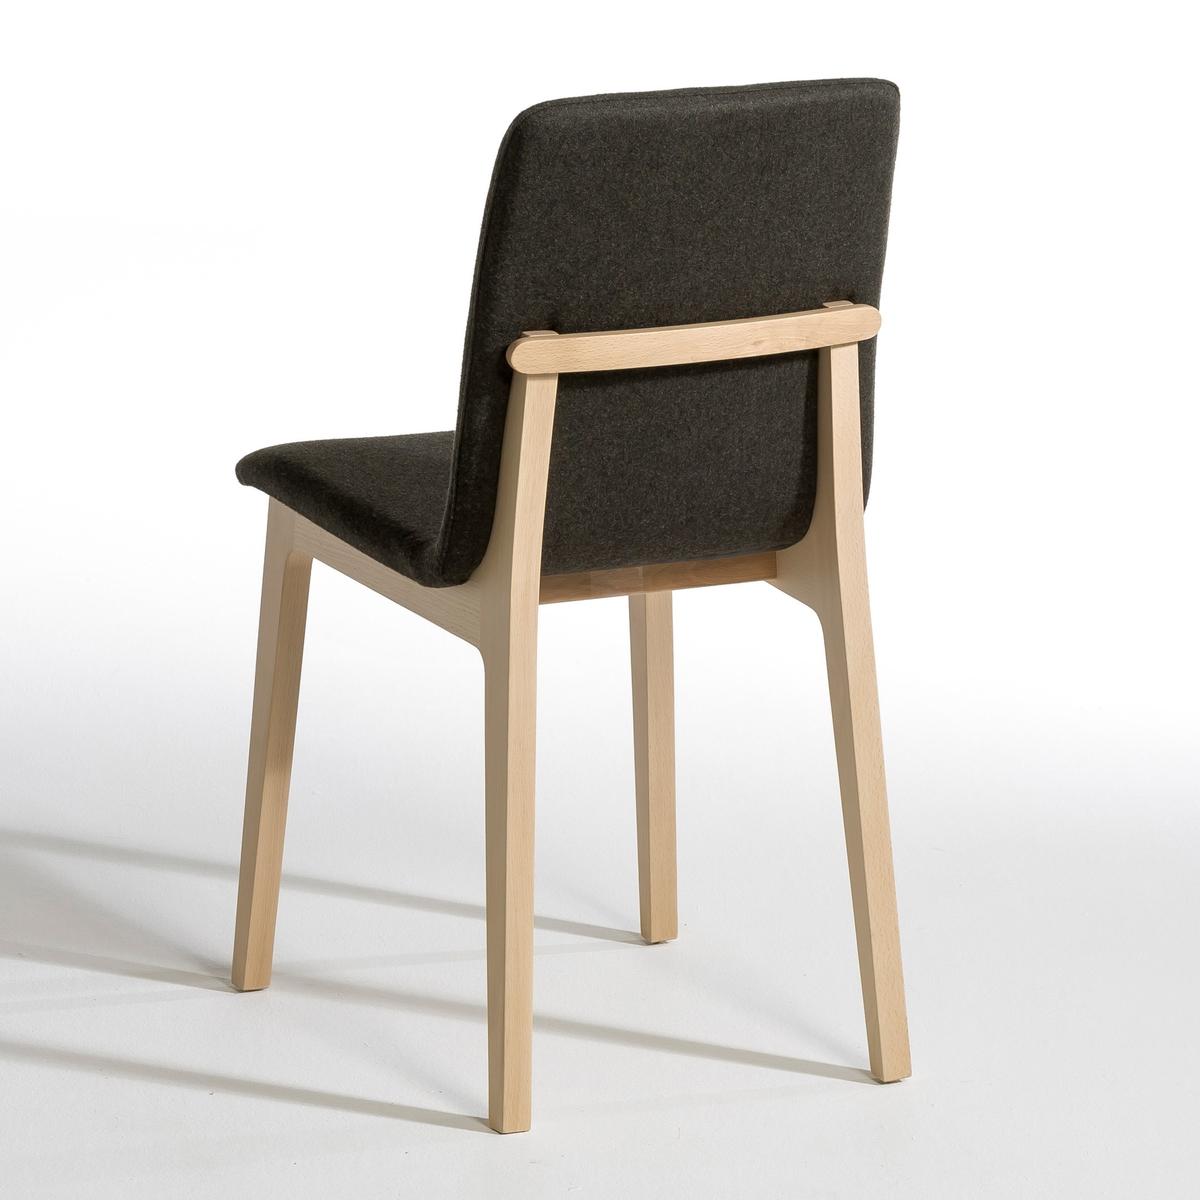 Confezione da 2 sedie Atitud design E. Gallina